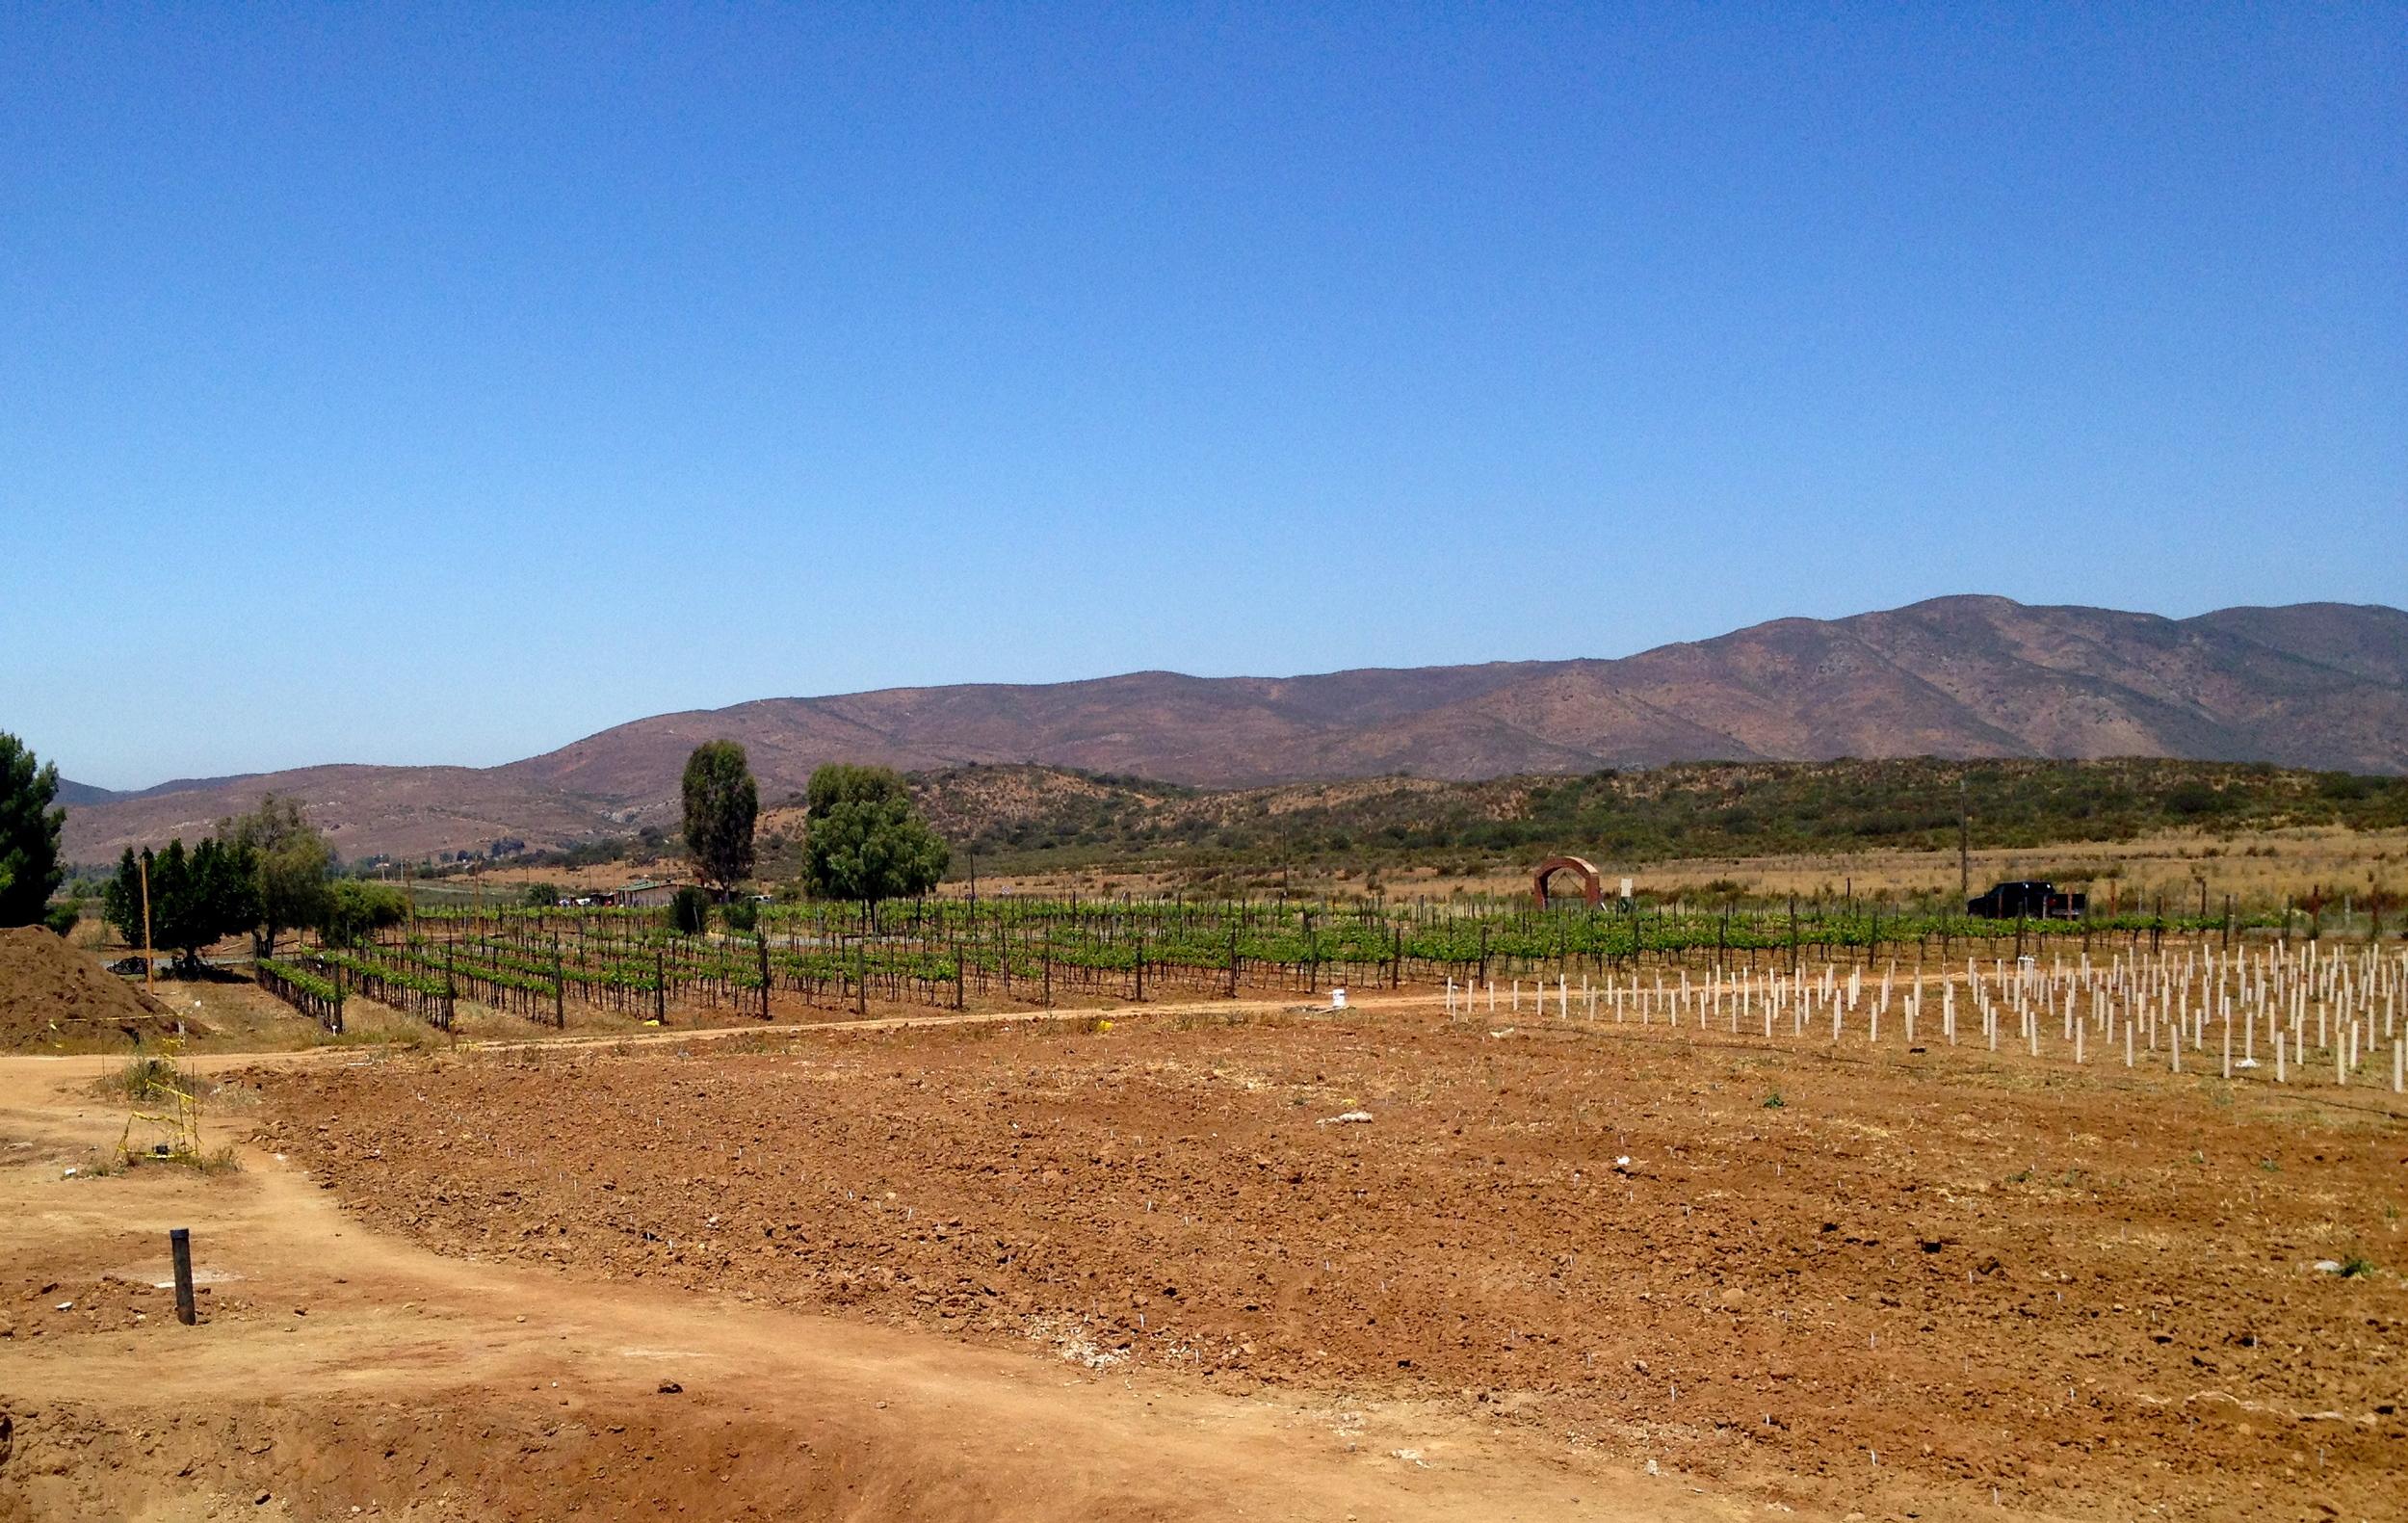 The vineyards at Alximia